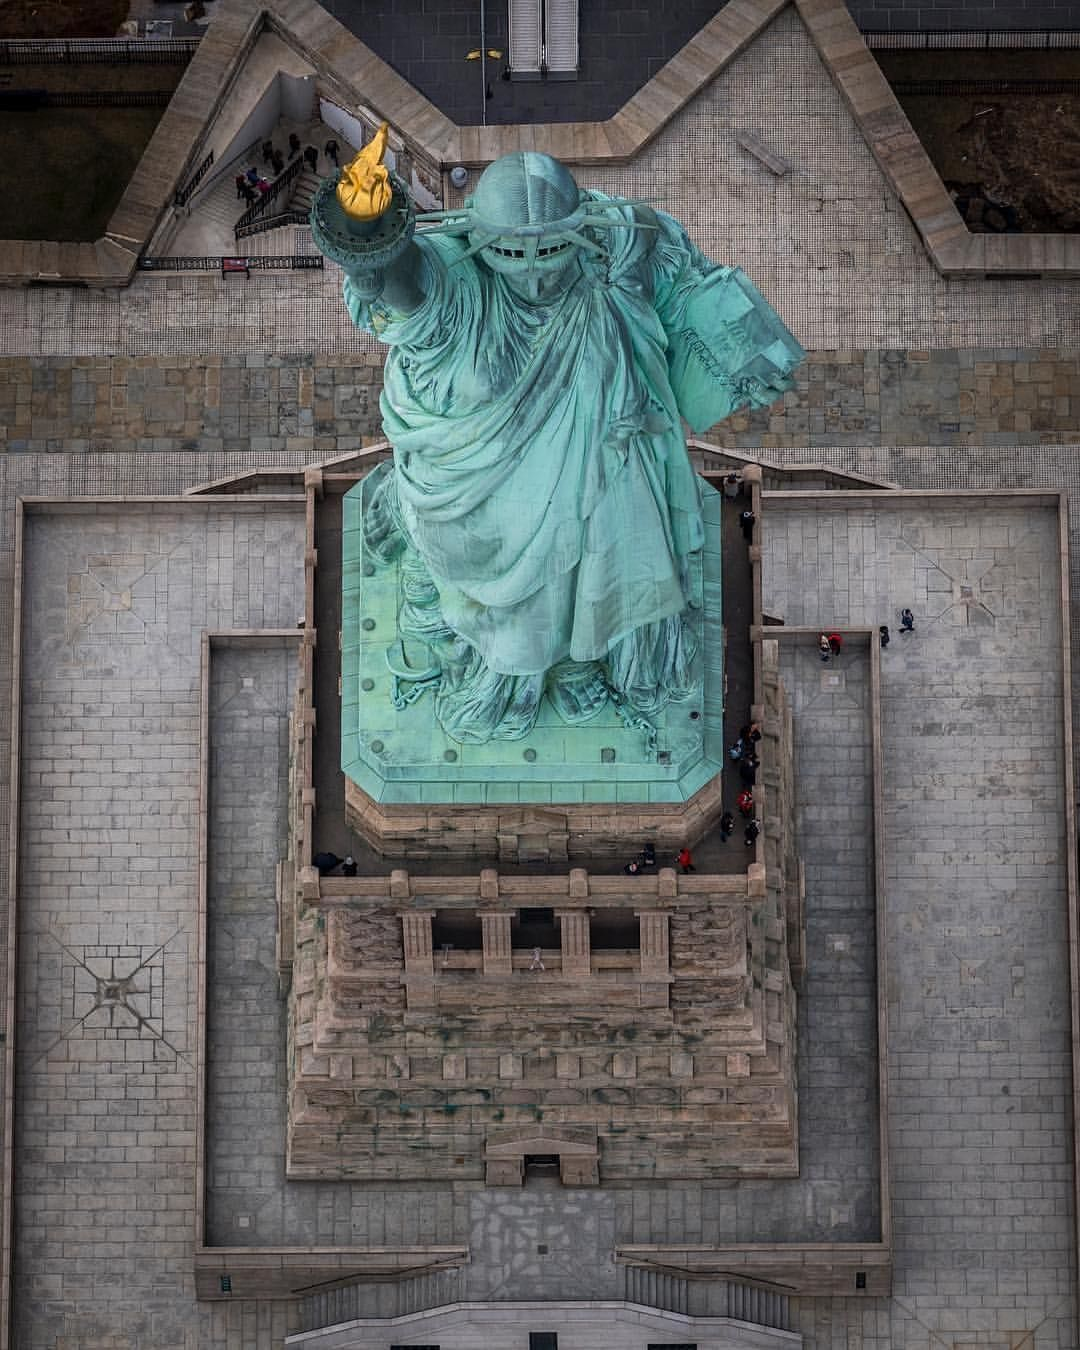 Pin De Ilse Huurdeman Em New York City Viagens Estatua Da Liberdade Nyc